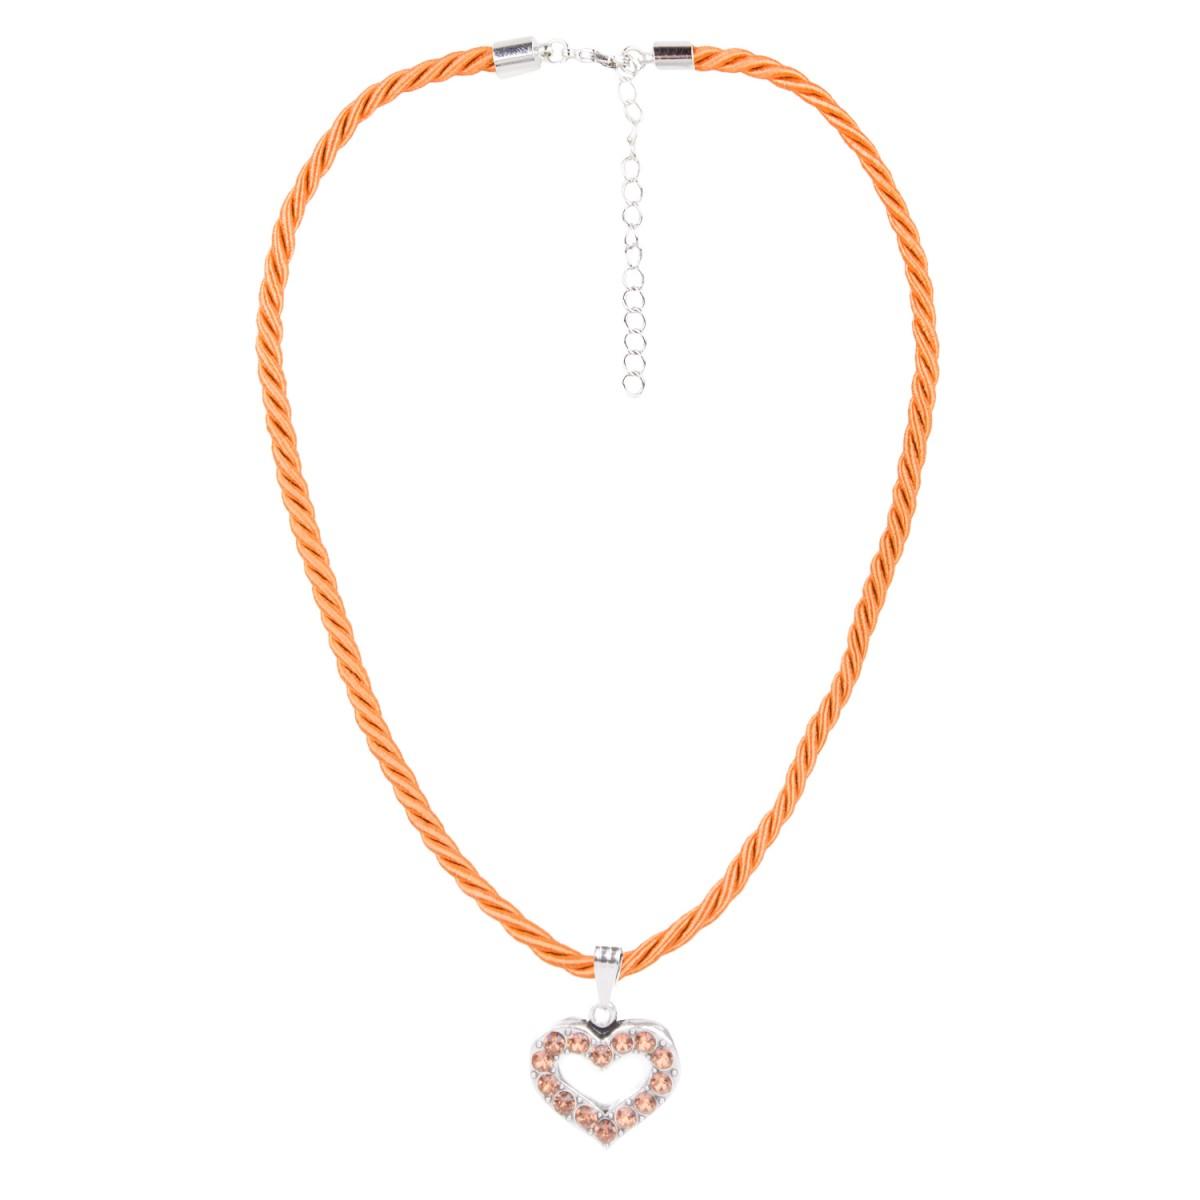 Halskette in Orange mit Herzanhänger von Schlick Accessoires günstig online kaufen